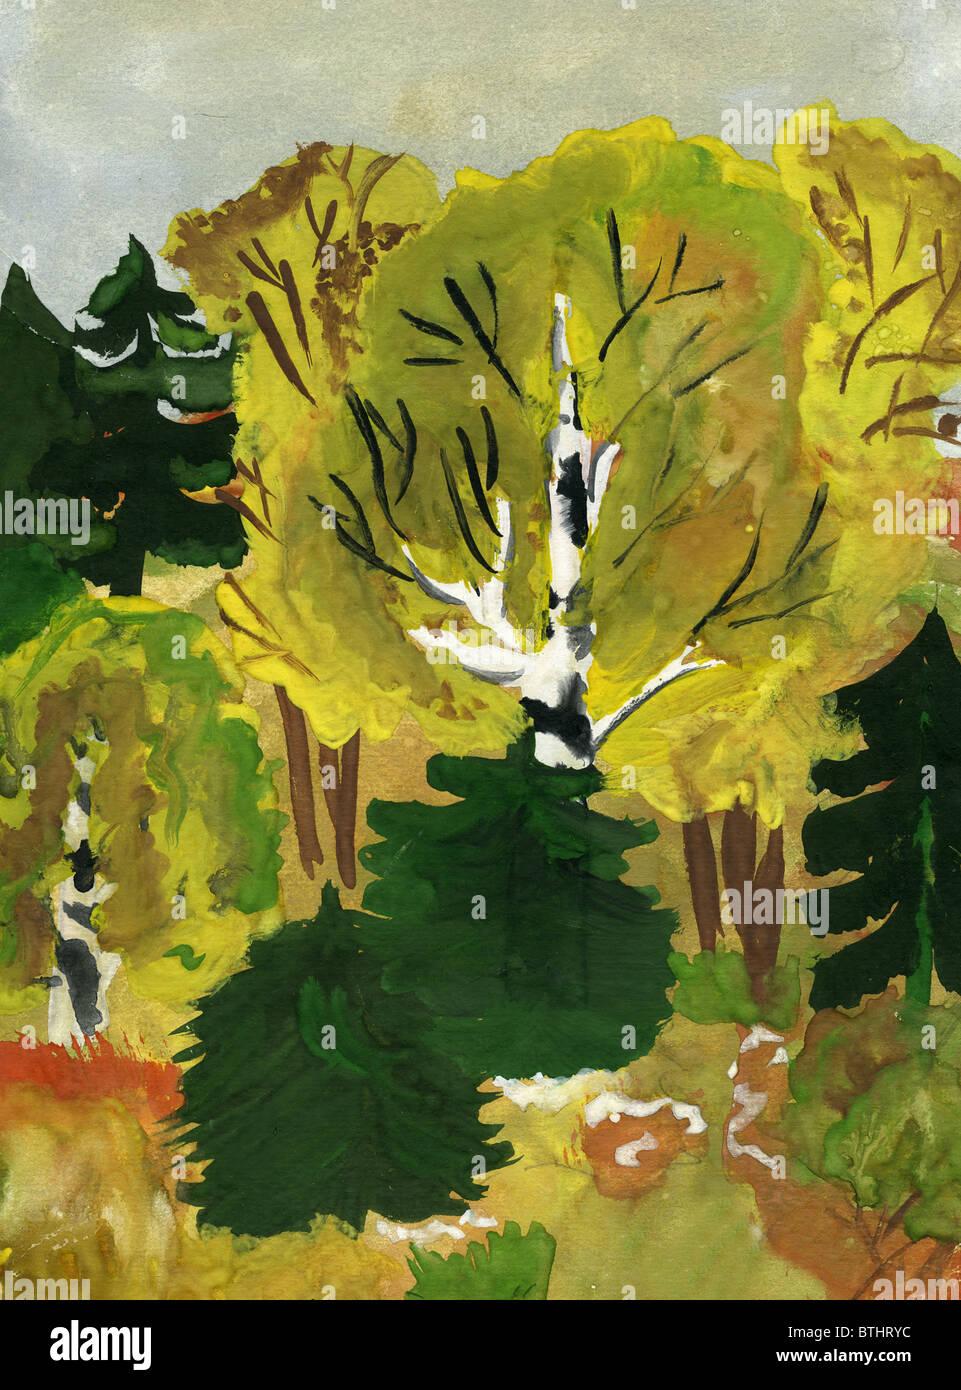 Bambino il disegno della foresta d'autunno. Realizzato da bambino. Immagini Stock